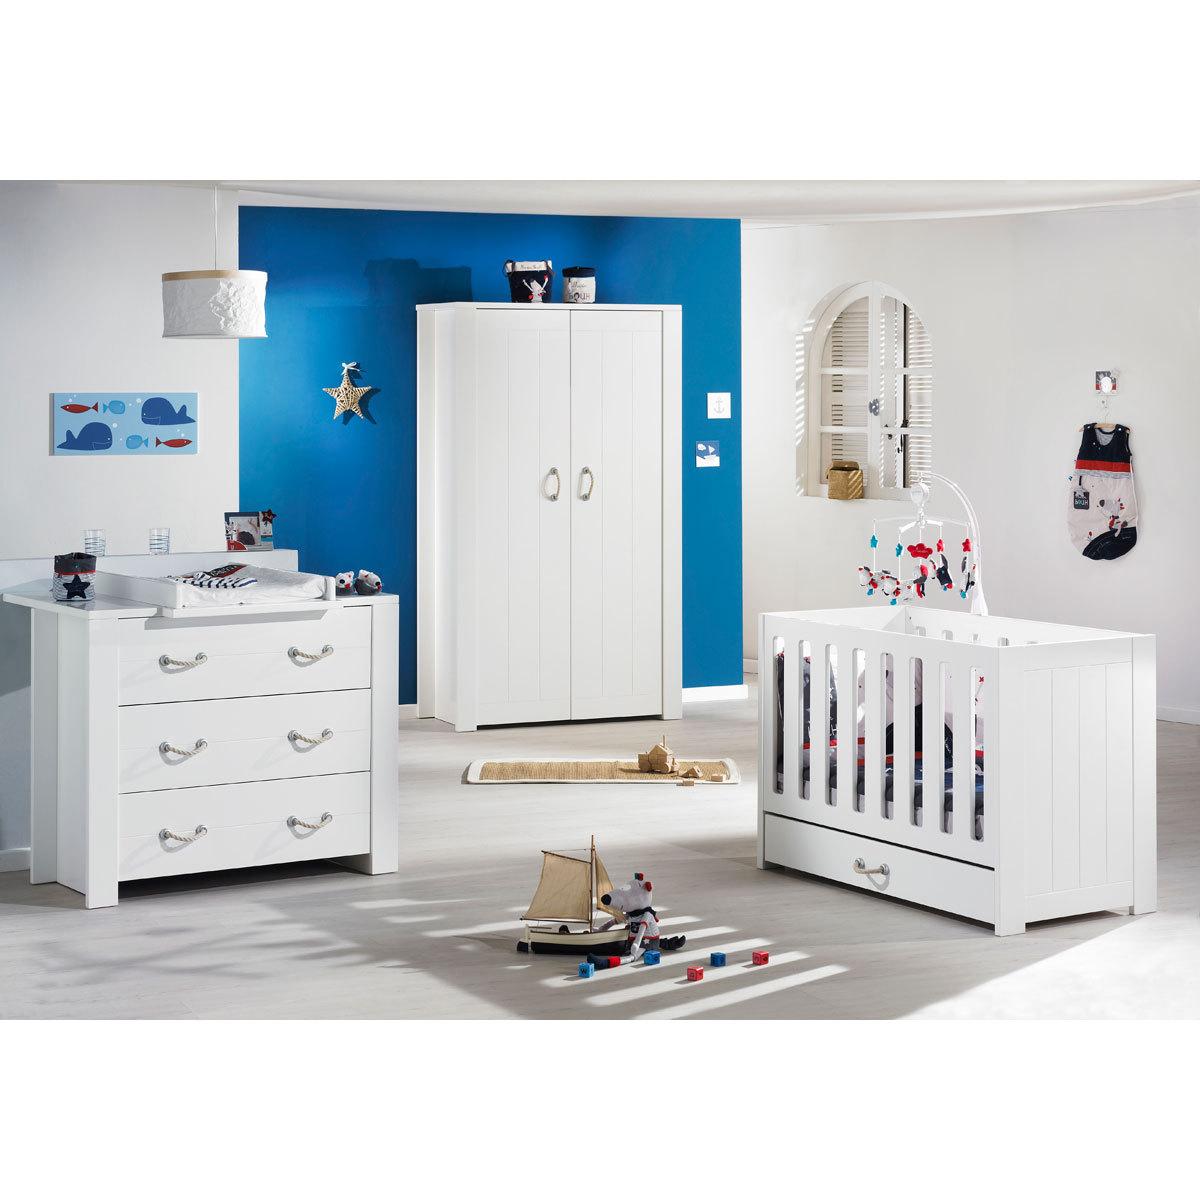 sauthon armoire 2 portes seaside armoire sauthon sur l. Black Bedroom Furniture Sets. Home Design Ideas